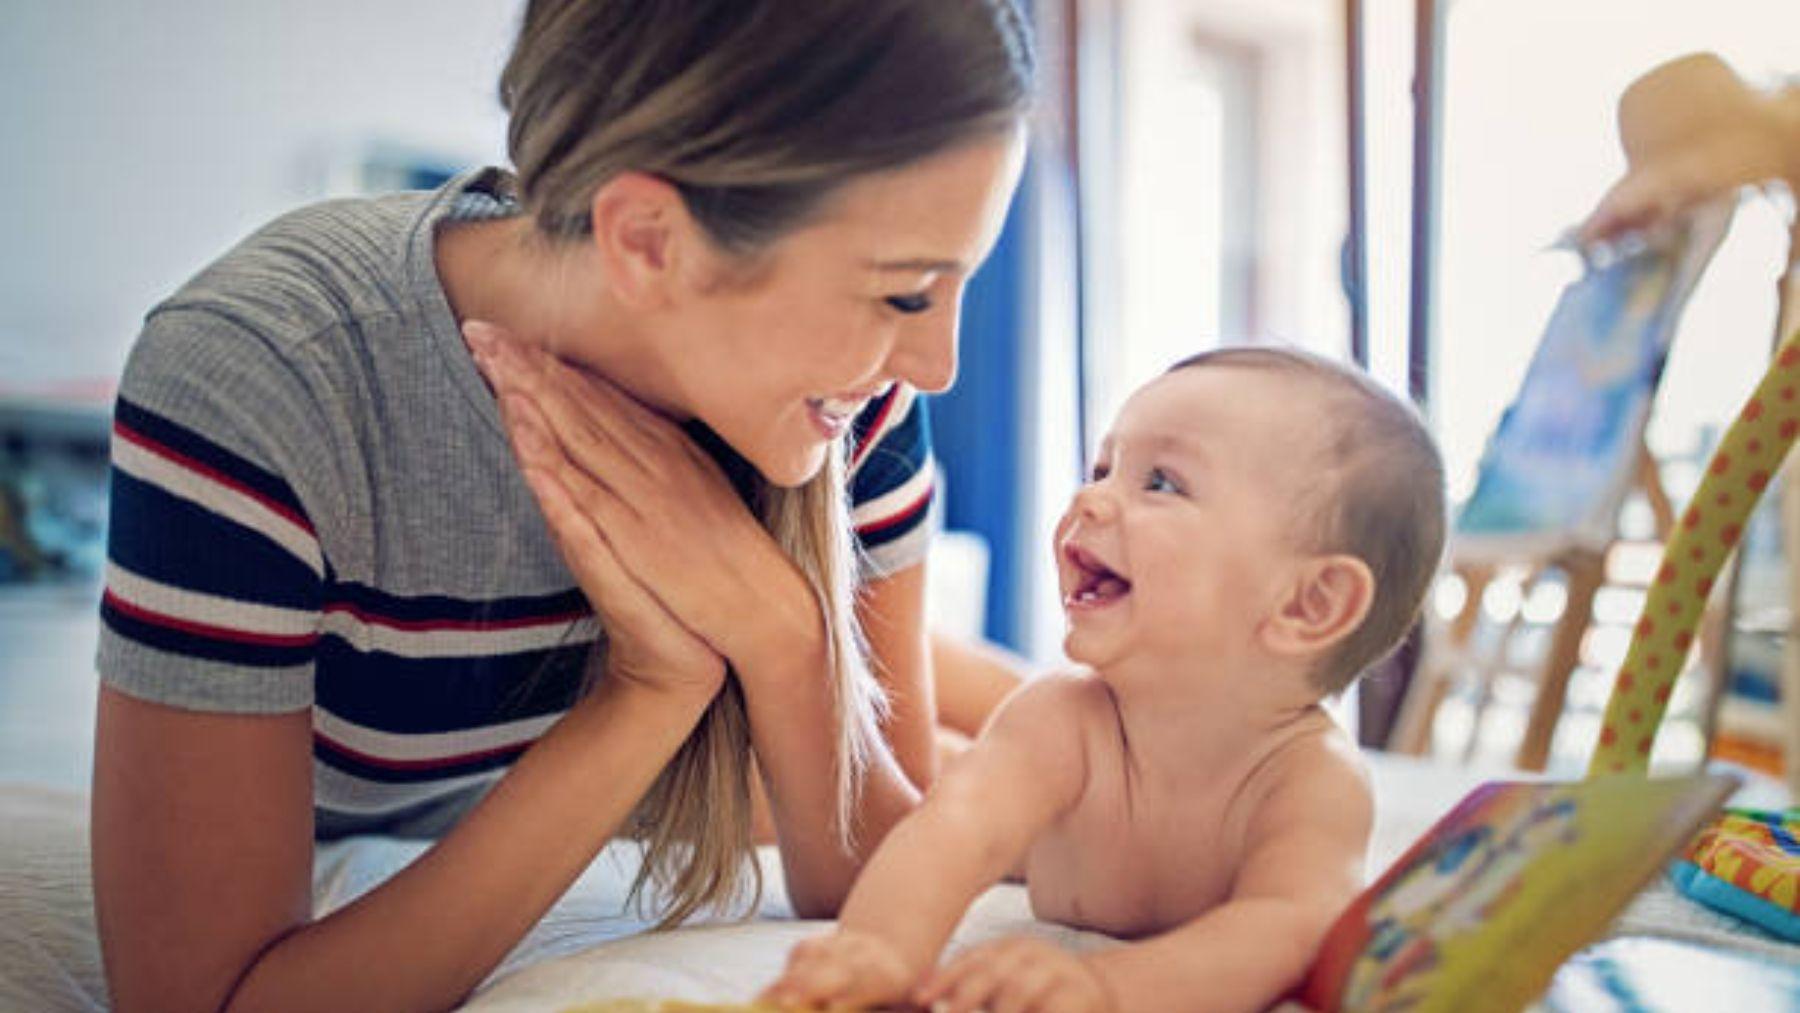 Pautas para cuidar de forma segura un bebé de un año